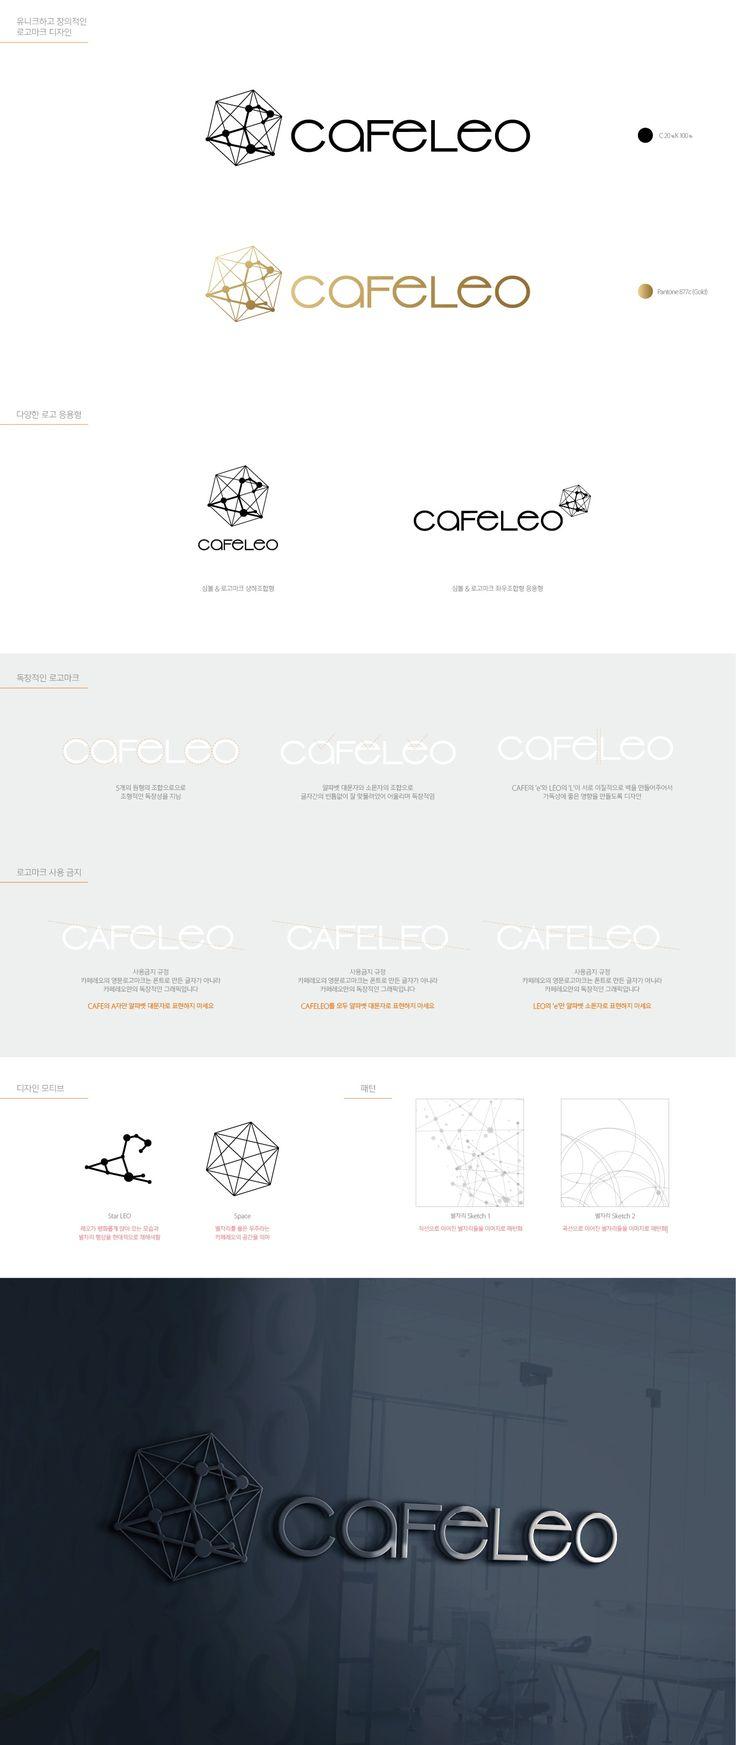 카페레오/ Design by springstar / 카페레오만의 유니크하고 창의적인 디자인을 연구하여 심플하면서도 다방면, 적극적으로 사용할 수 있는 로고 디자인 #카페 #사자자리 #별자리 #커피 #별 #leo #카페레오 #로고디자인 #로고 #디자인 #디자이너 #라우드소싱 #레퍼런스 #콘테스트 #logo #design #포트폴리오 #디자인의뢰 #공모전 #미니멀리즘 #맞팔 #심볼마크 #심볼 #일러스트 #작업 #color #타이포그래피 #아이콘 #곡선 #로고타입